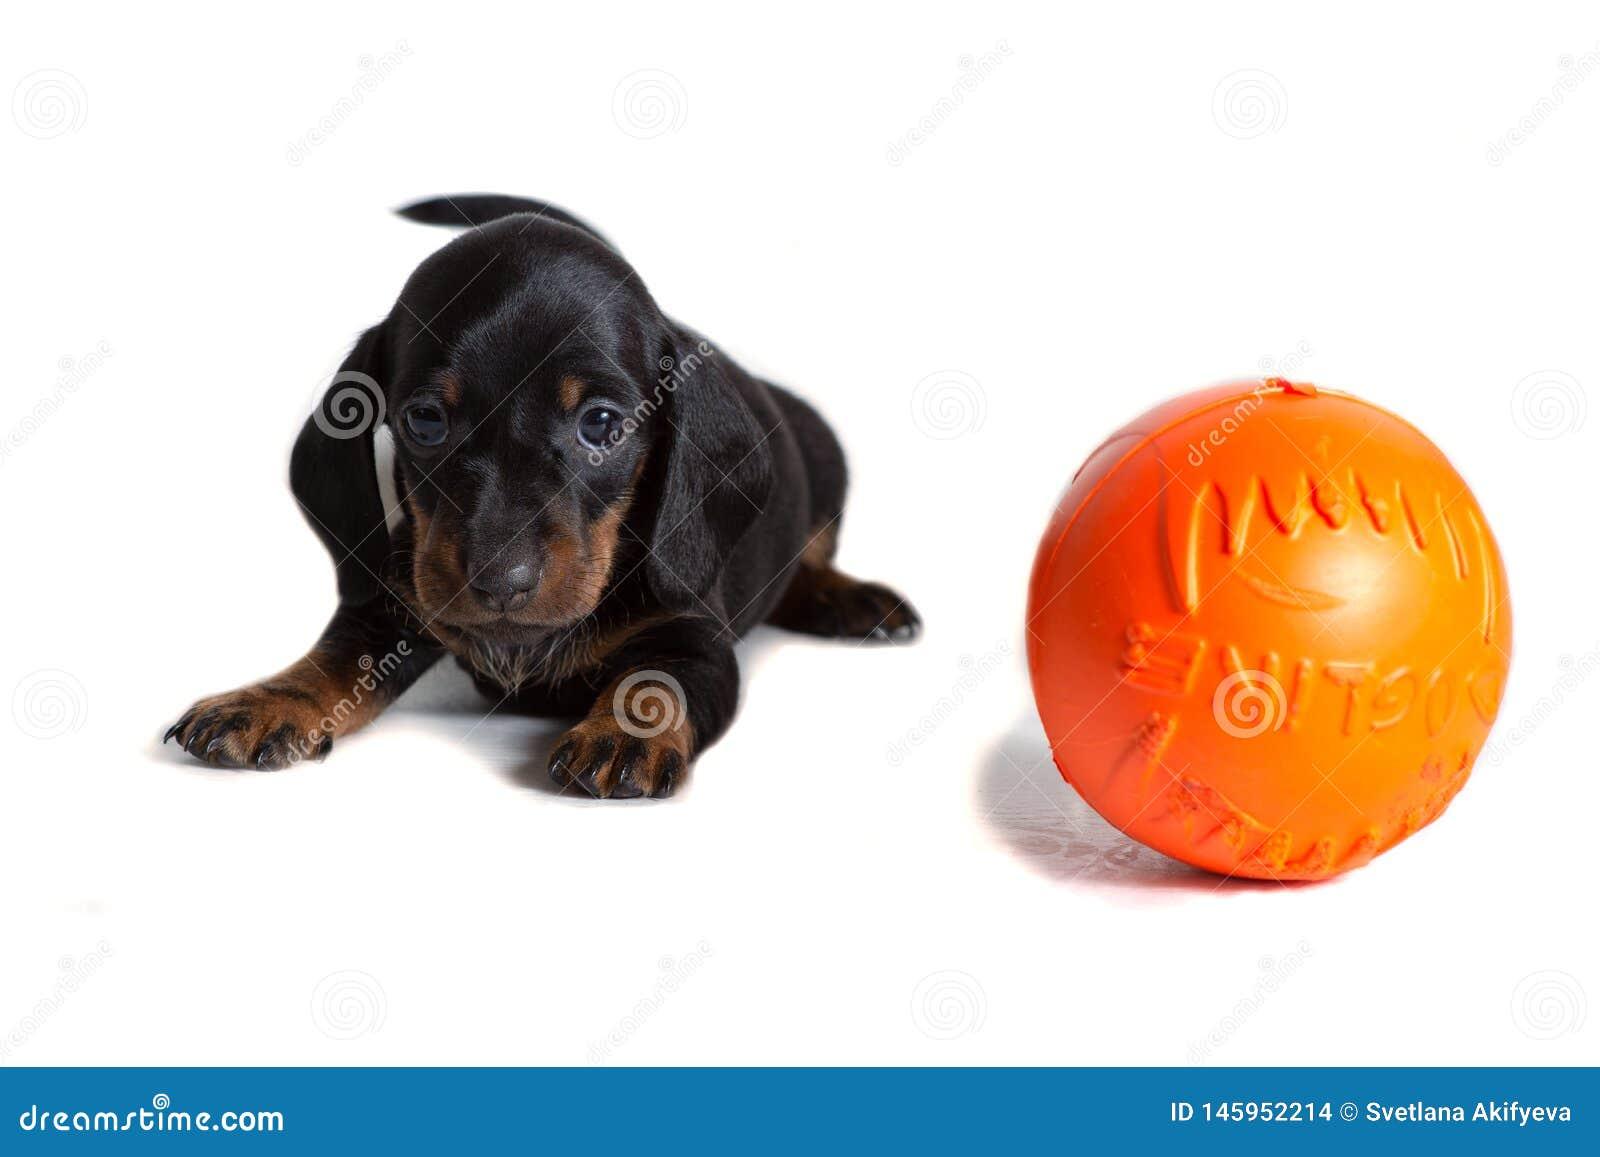 Ένα όμορφο κουτάβι Dachshund κάθεται δίπλα σε μια πορτοκαλιά σφαίρα και κοιτάζει προς τα εμπρός